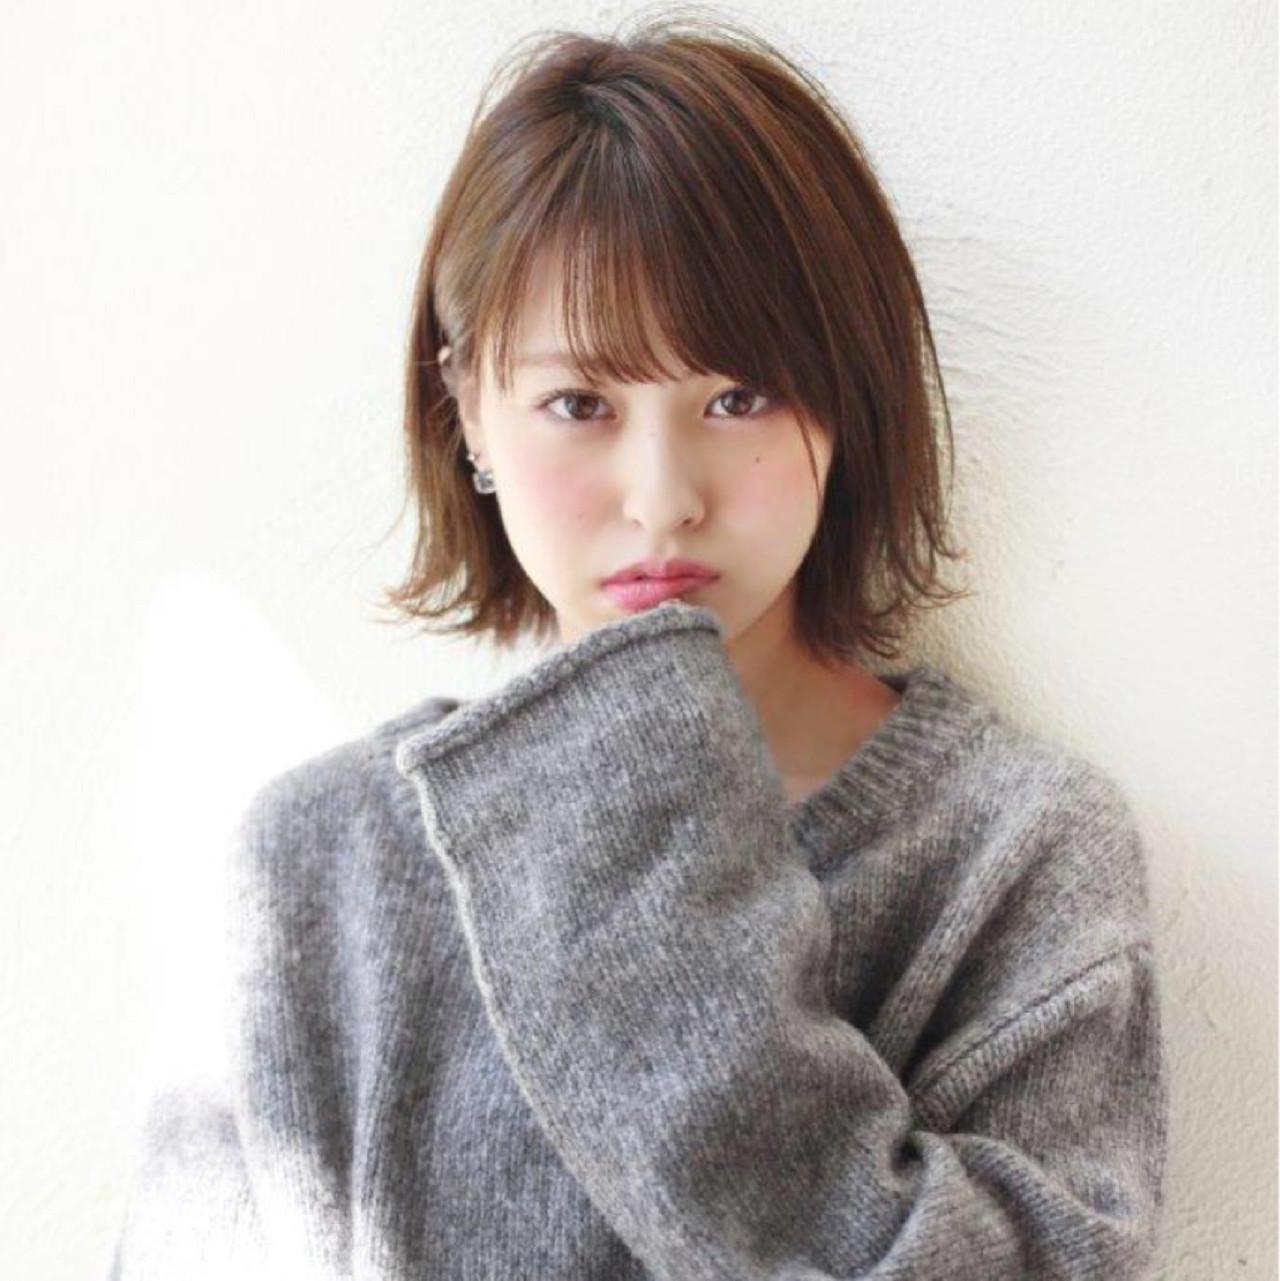 パーマ 小顔 ガーリー ニュアンス ヘアスタイルや髪型の写真・画像 | 切りっぱなしボブを流行らせた人 Un ami増永 / Un ami omotesando